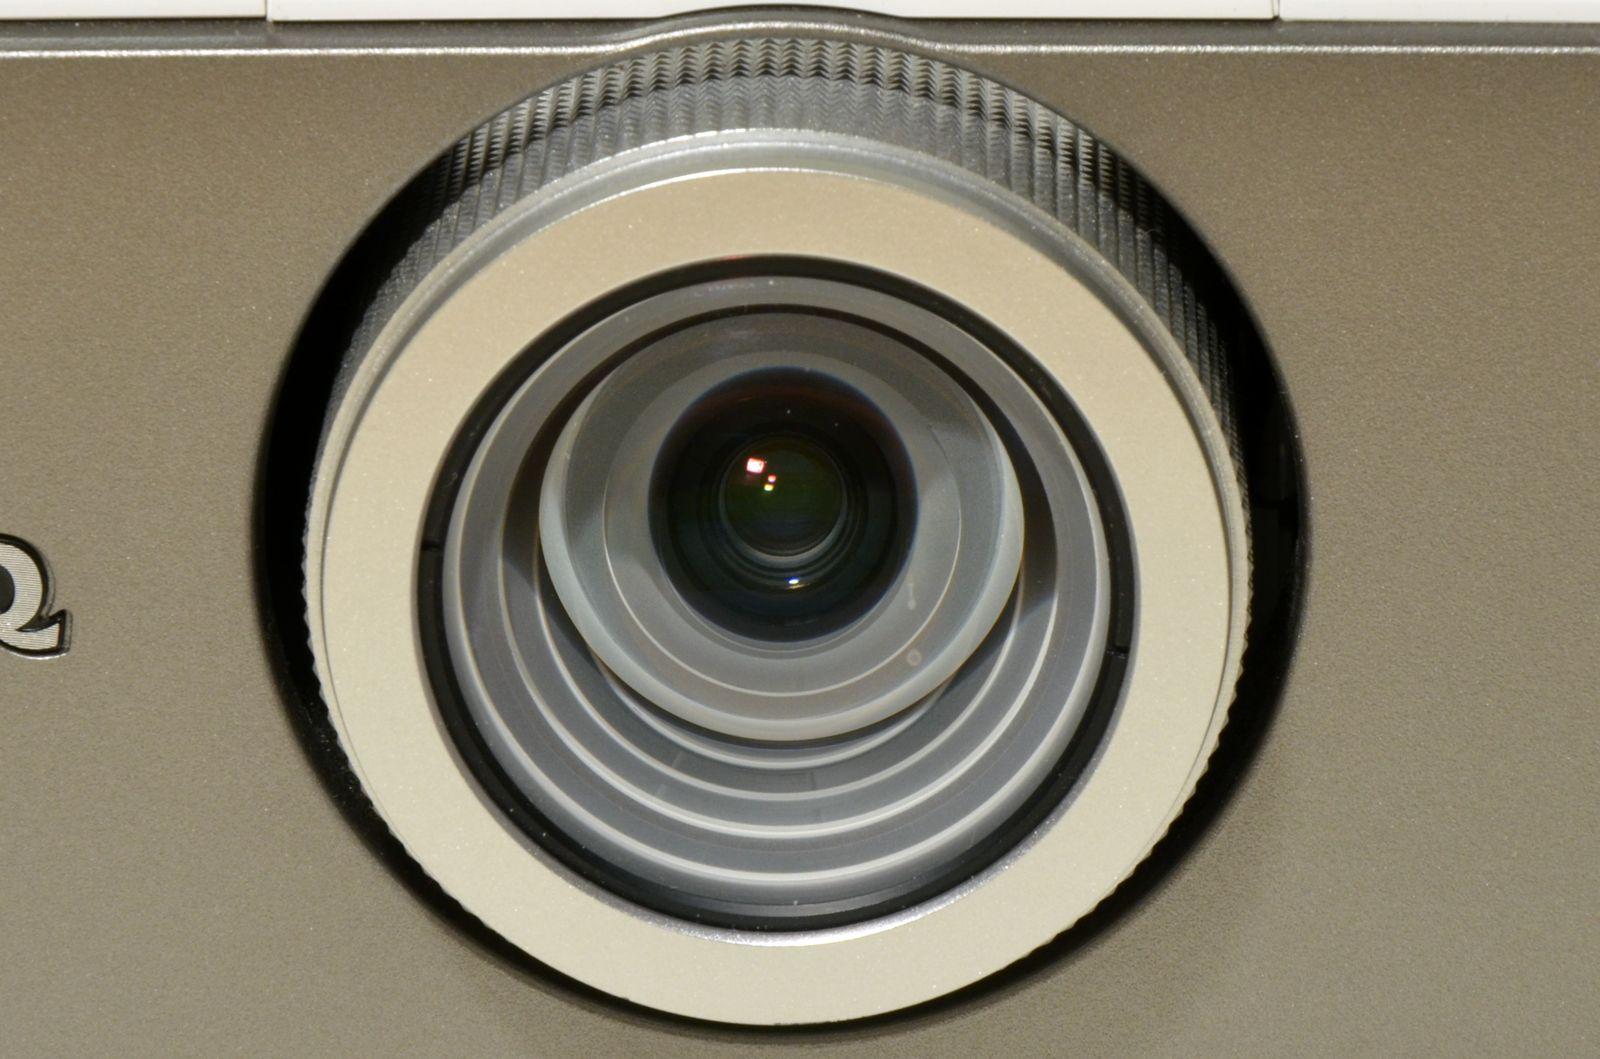 BenQ W1400 oferă un raport calitate/preţ atractiv pentru crearea unui cinematograf acasă